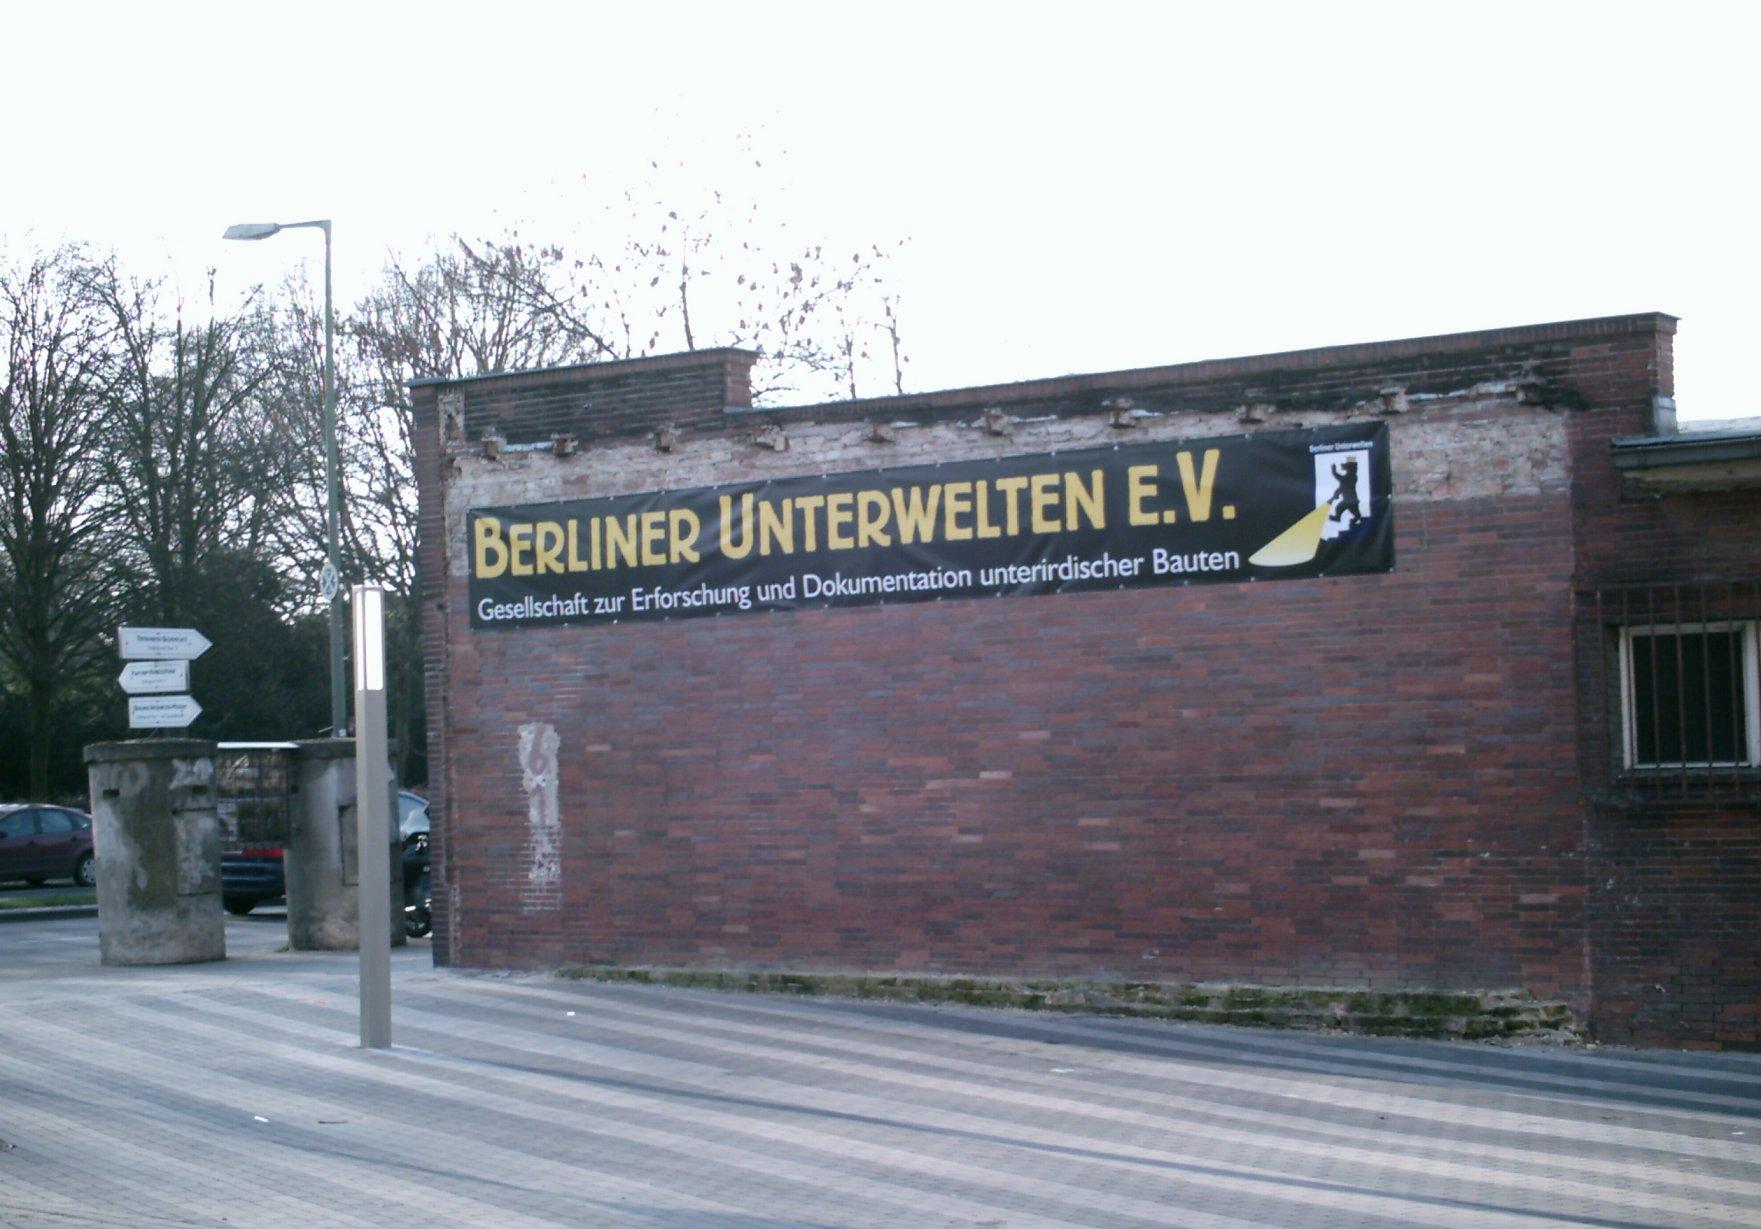 Berliner Unterwelten Wikipedia